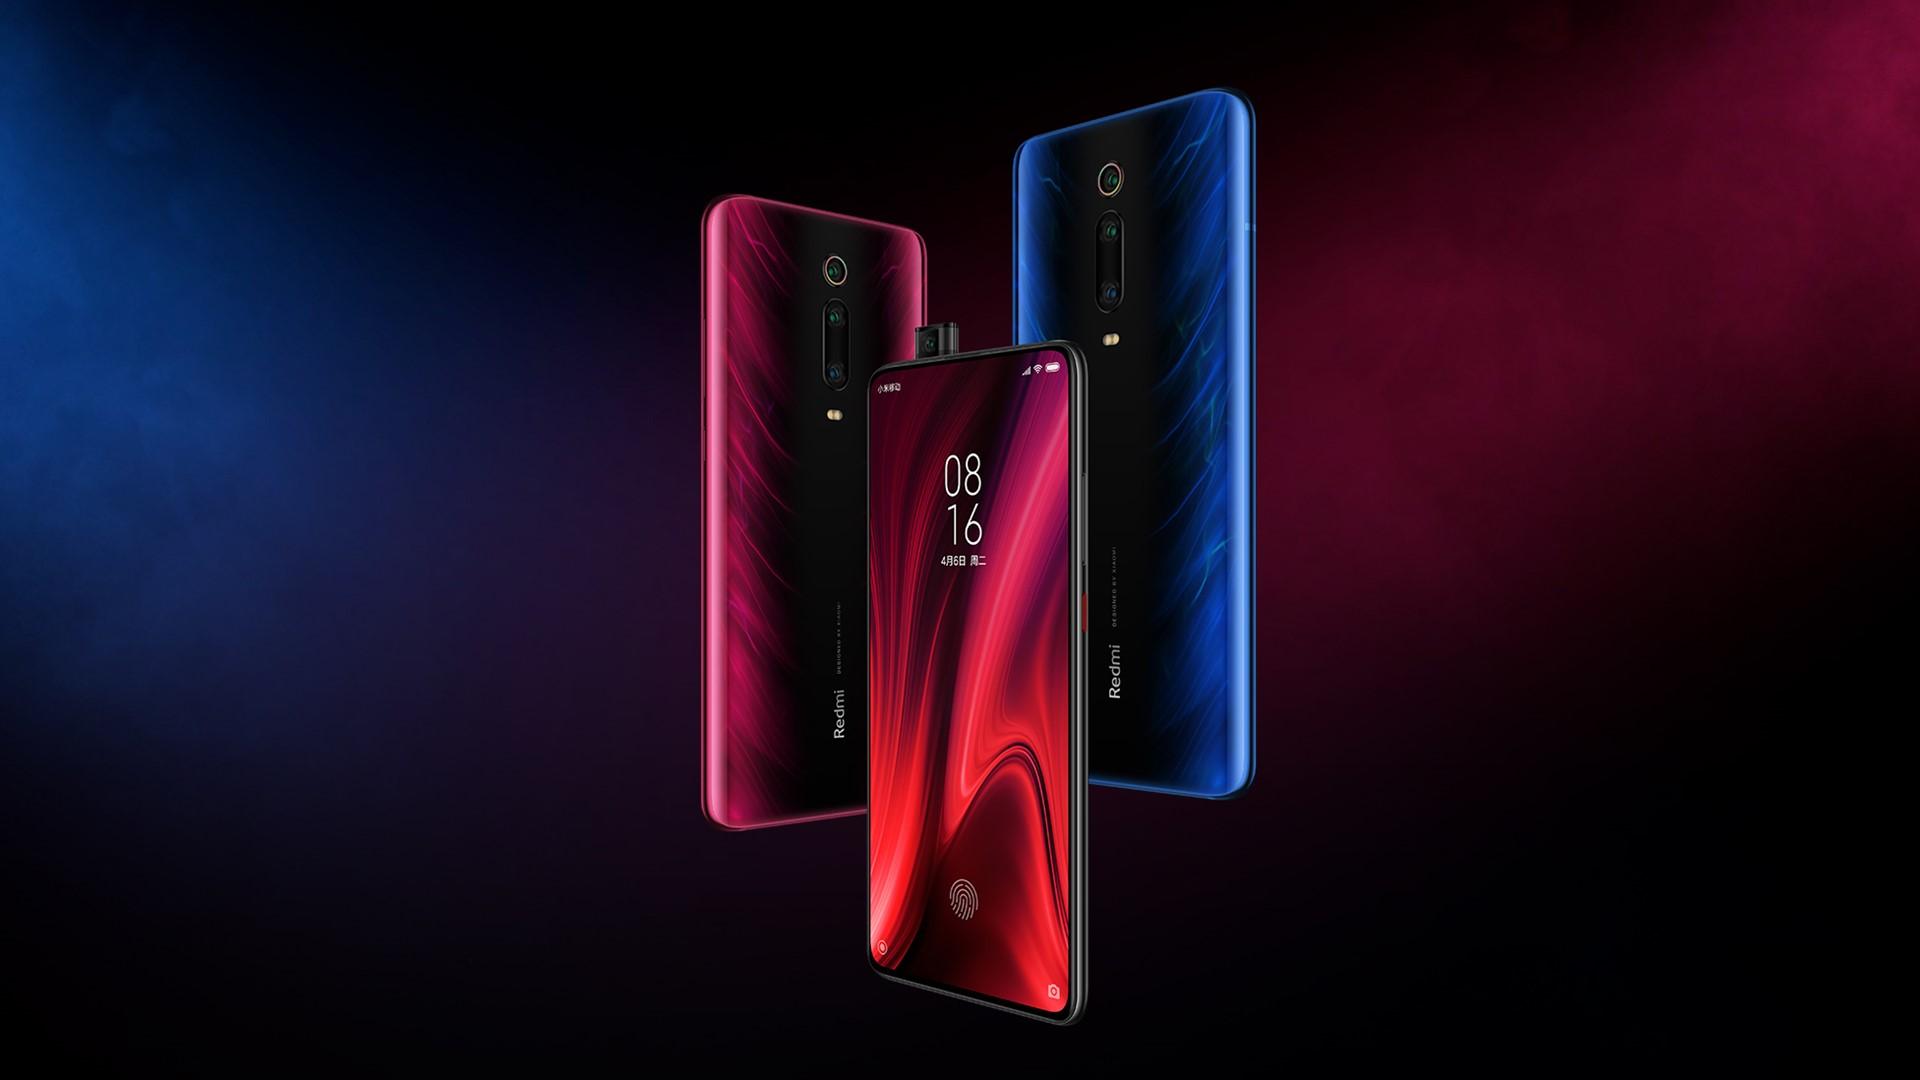 Xiaomi launches Redmi K20 and Redmi K20 Pro in China | TechRadar